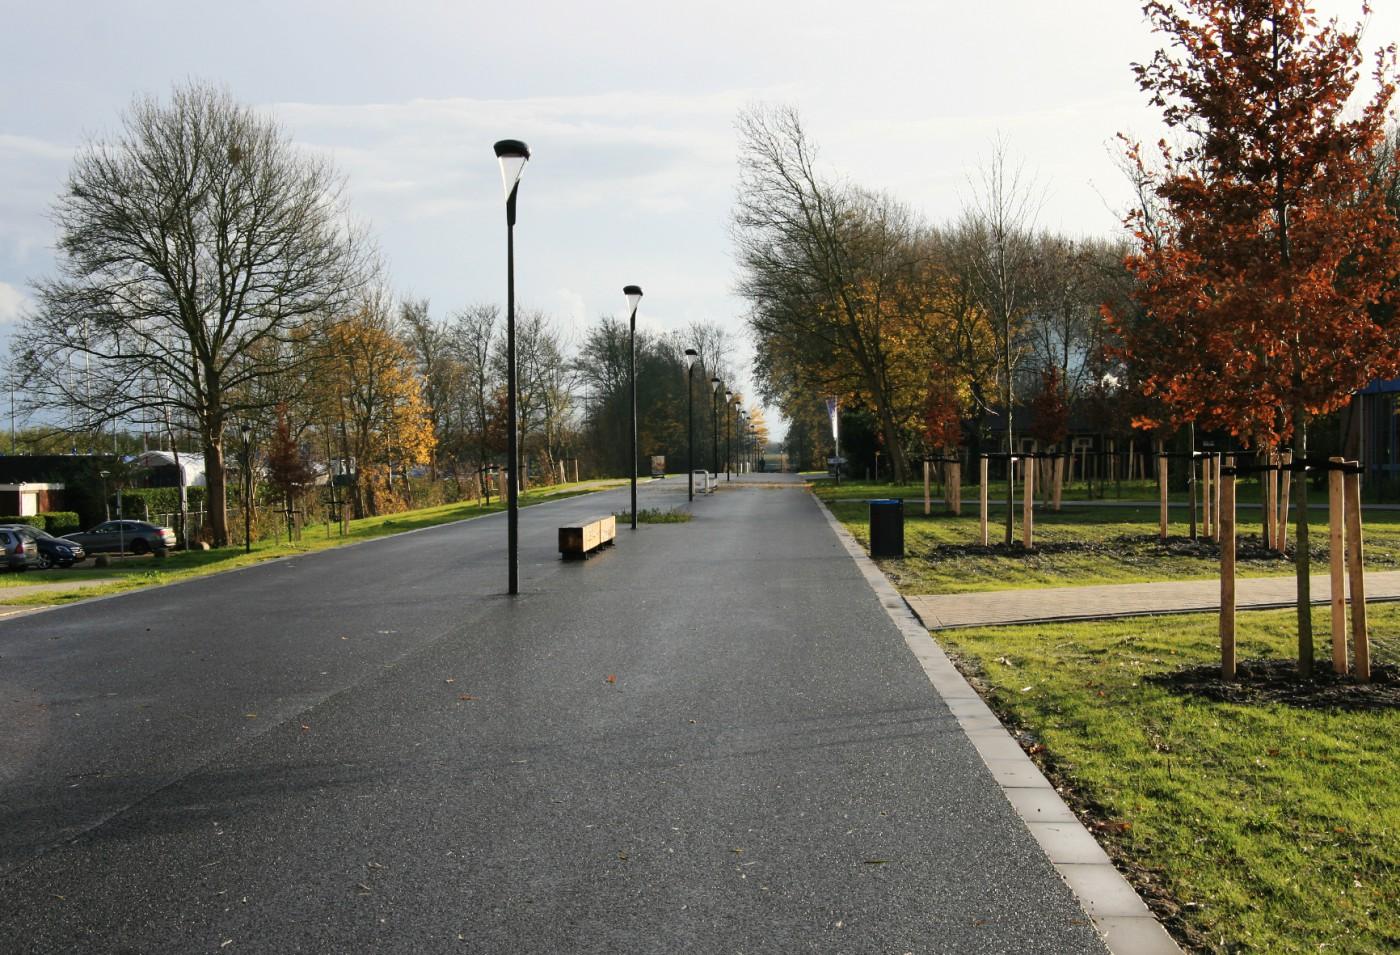 buro-sant-en-co-landschapsarchitectuur-johannapolder-albrandswaard-promenade-3